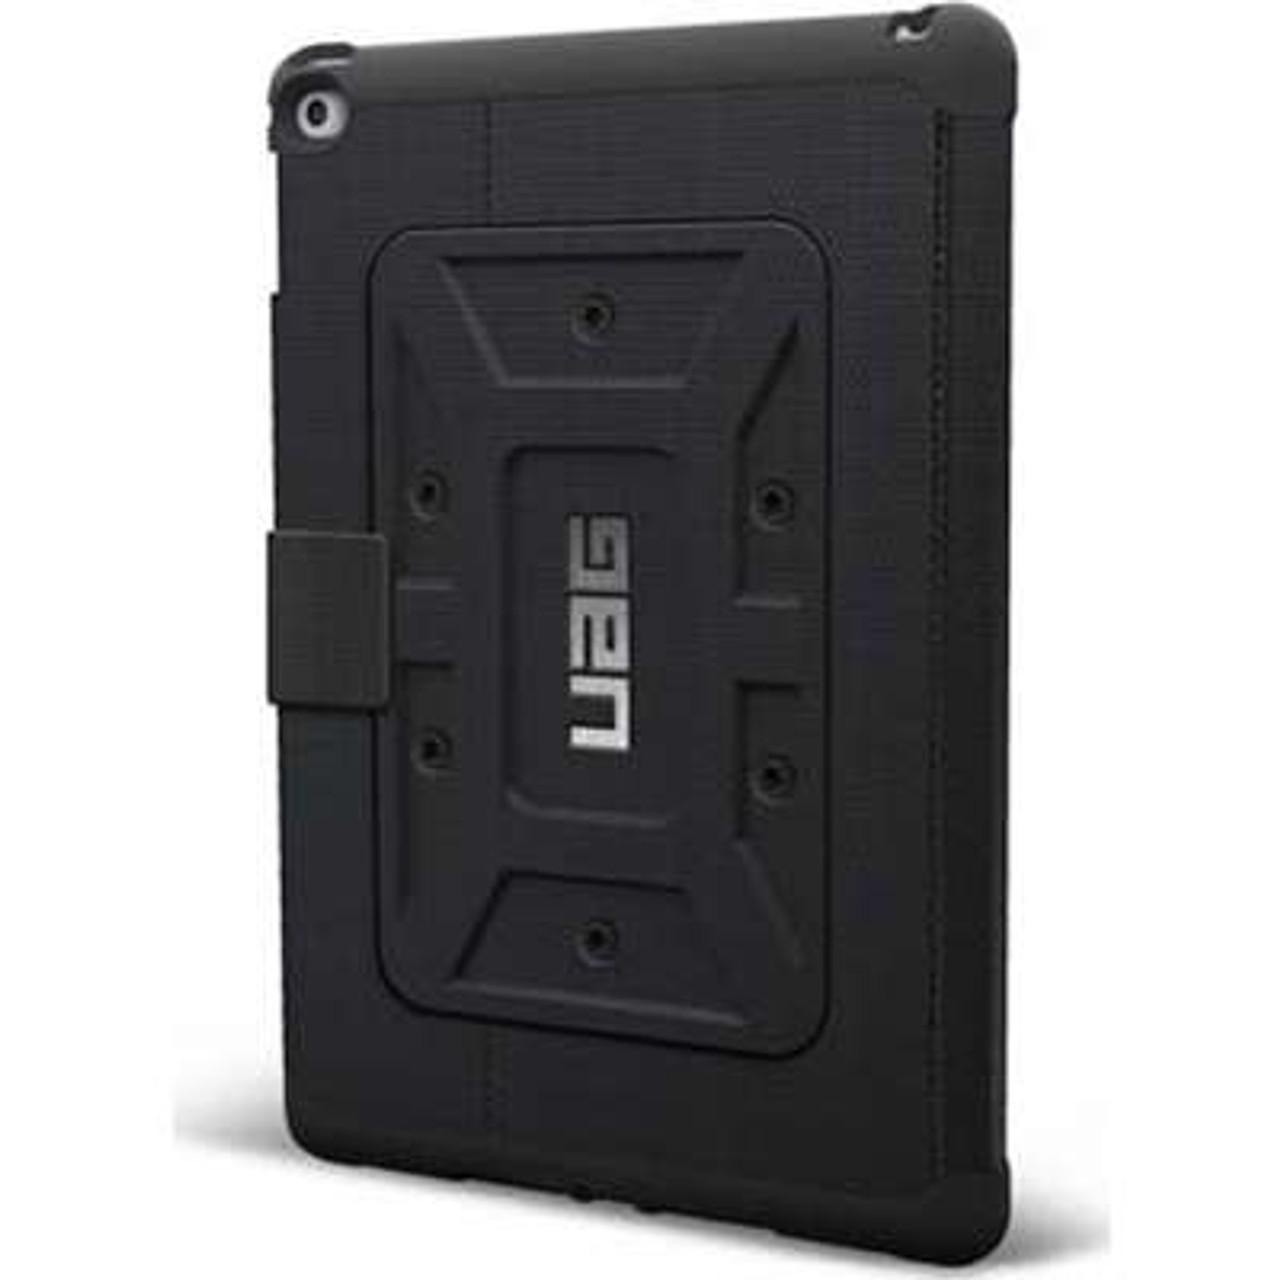 timeless design 3d4e1 6e73e Urban Armor Gear (UAG) UAGIPDAIR2BLKVP - Urban Armor Gear iPad Air 2 Folio  Case-Black/Black-Visual Packaging Metropolis